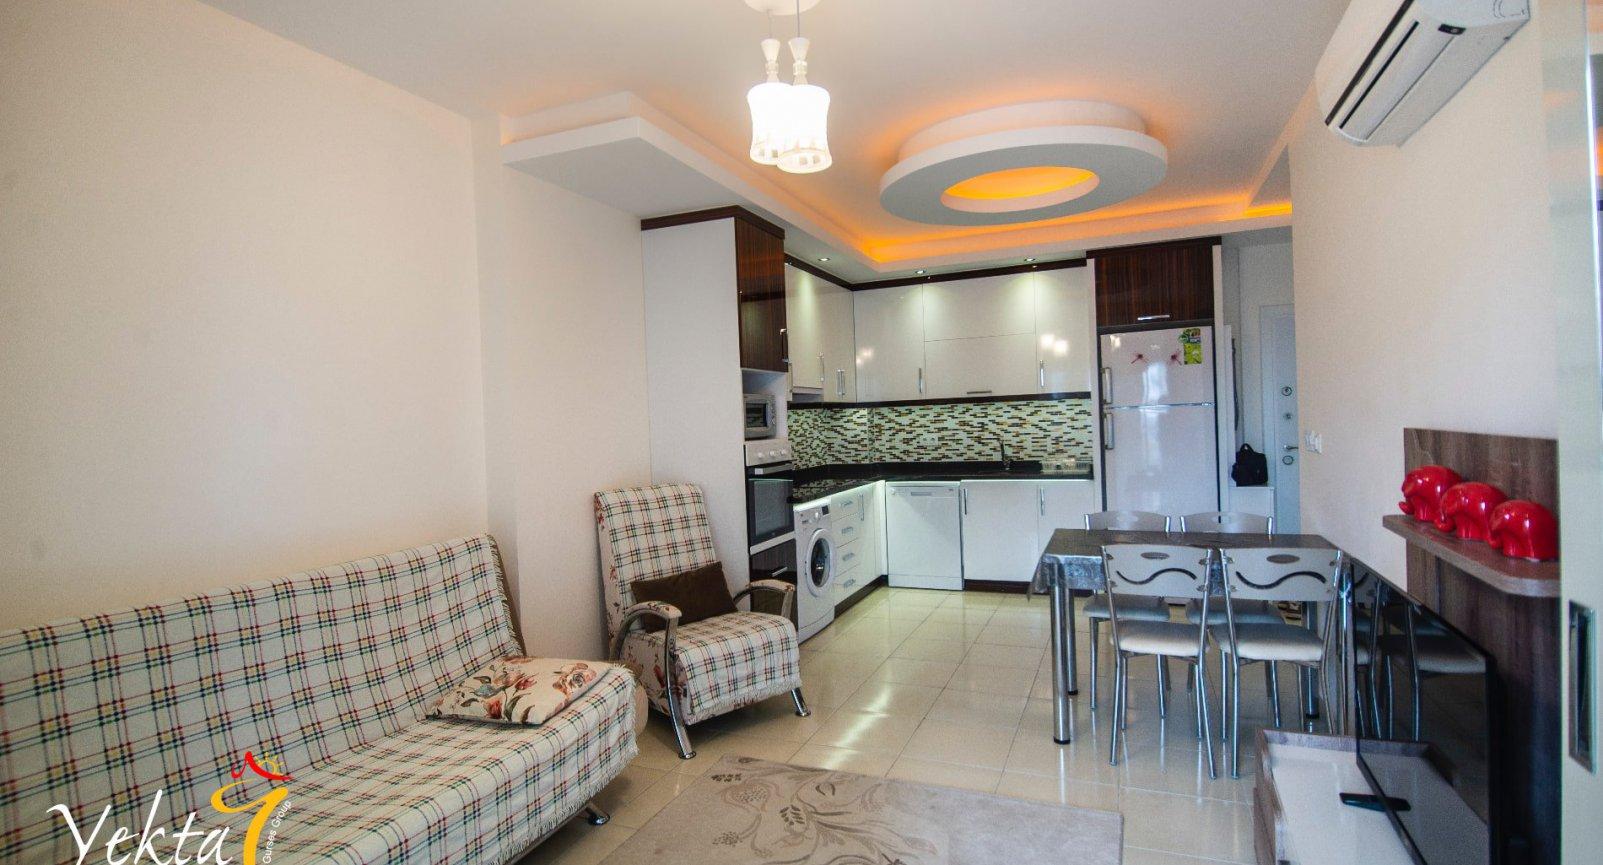 Schöne Apartments 1 + 1 in einer gemütlichen ruhigen Gegend von Mahmutlar